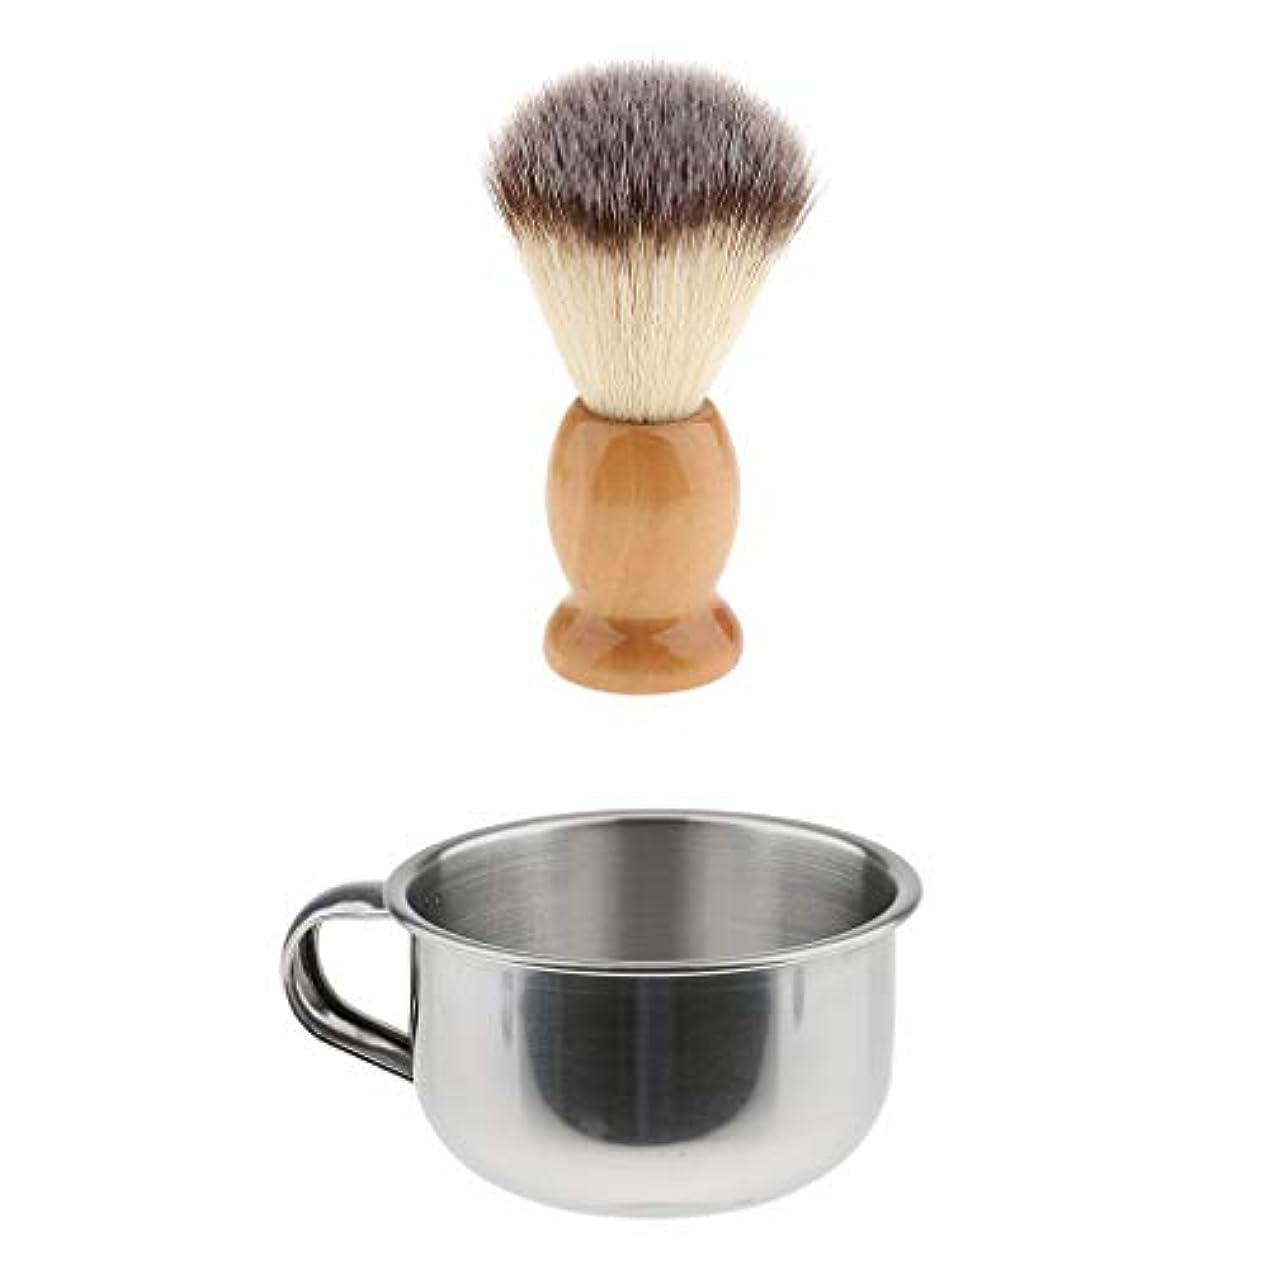 化学者マニア意味2点 男性 ひげの毛 木製シェービングブラシ ボウル マグ カップセット